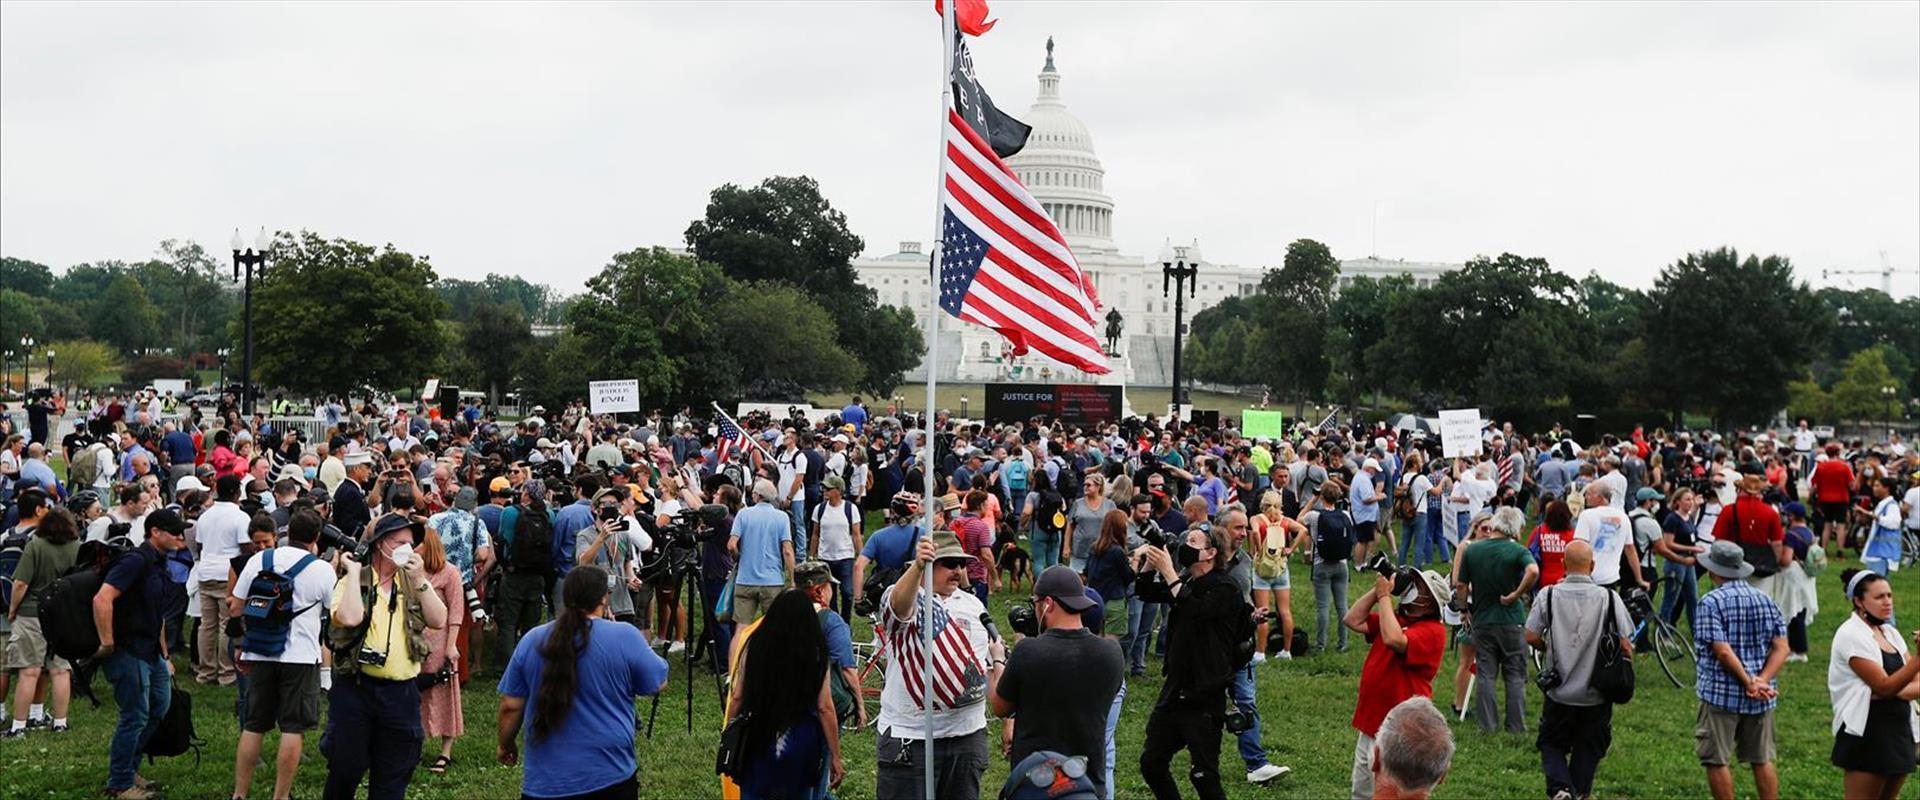 מפגינים בוושינגטון להזדהות עם העצורים בפריצה לקפיט